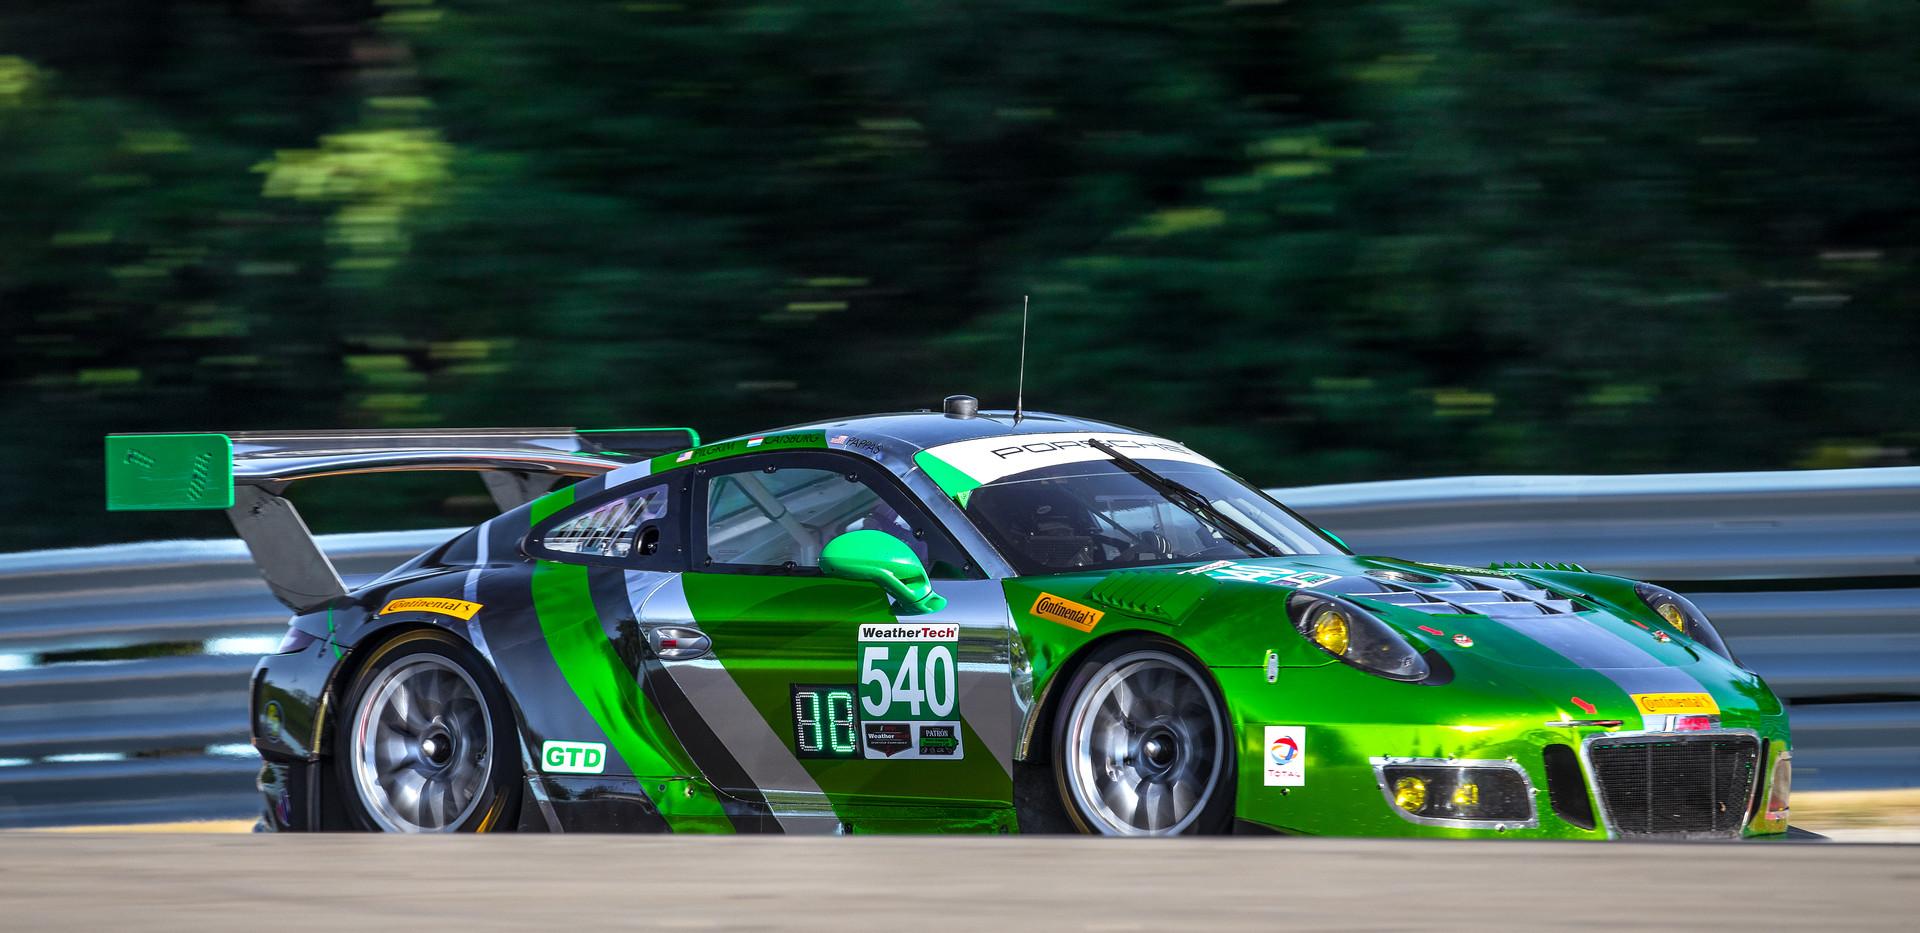 Porsche 911 GT3 - 2016 Season